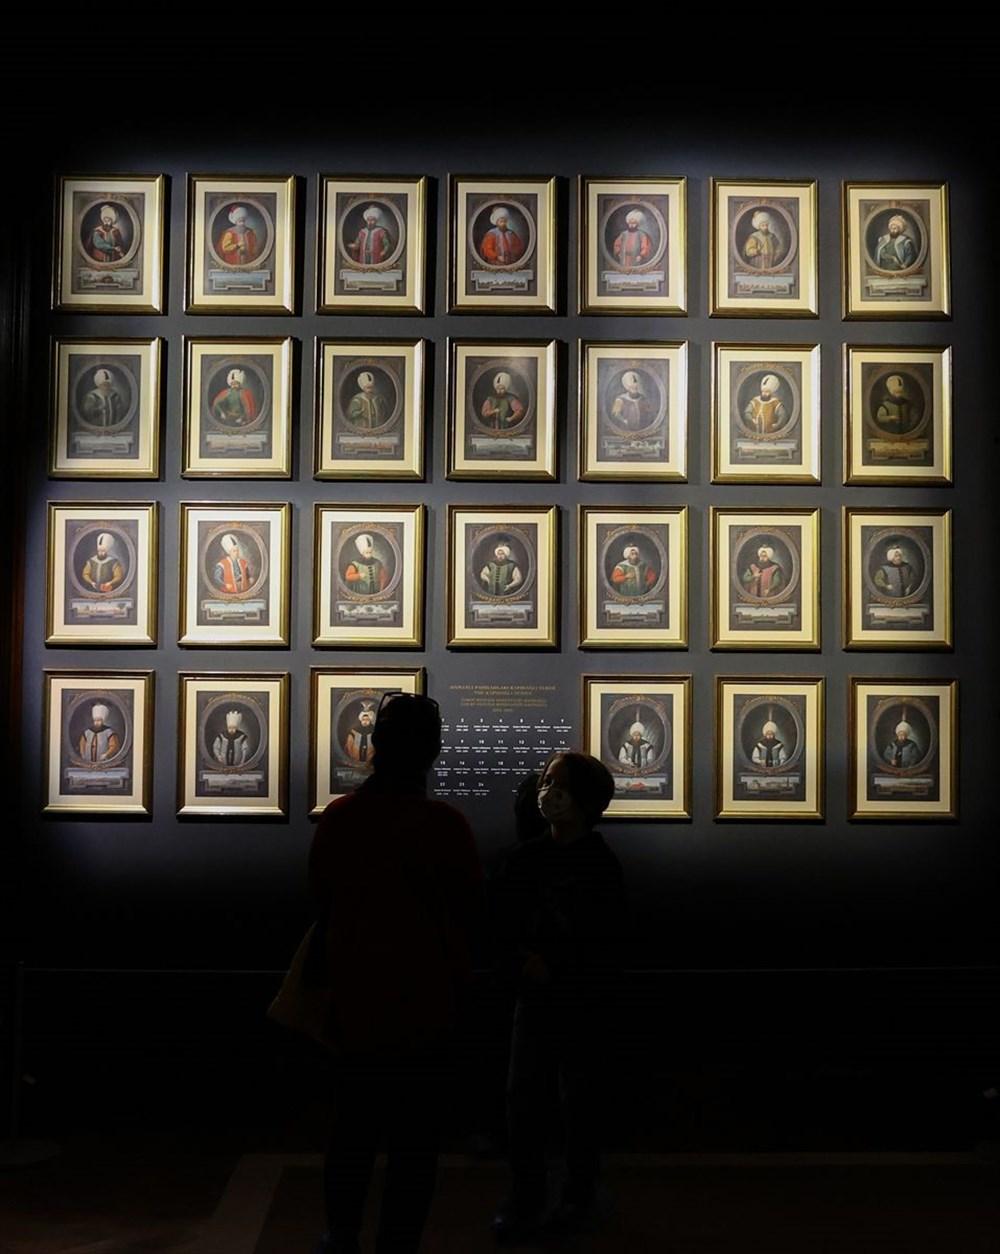 553 eser Osmanlı saray resminin tek temsilcisi Milli Saraylar Resim Müzesi'nde - 11